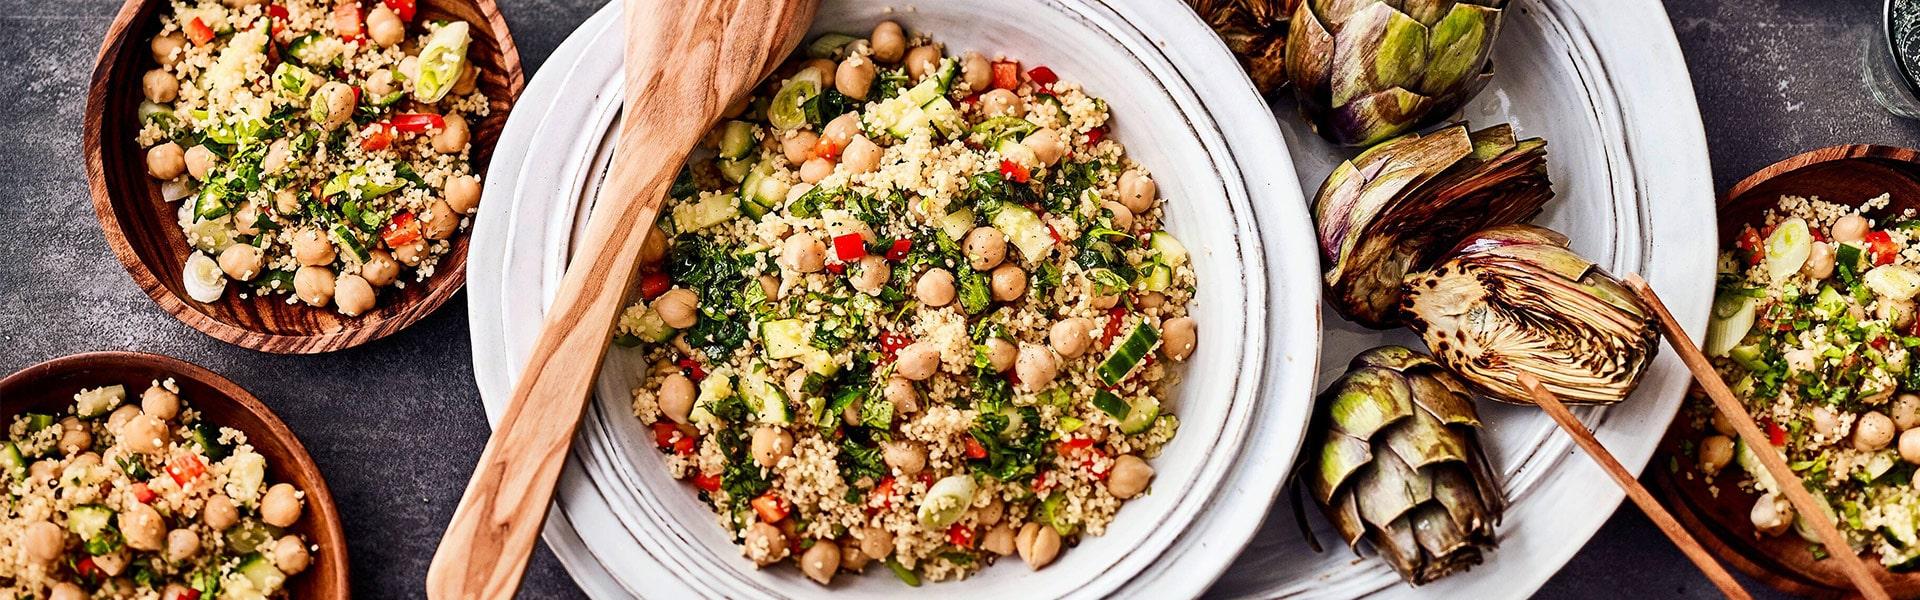 Kichererbsen-Couscous-Salat